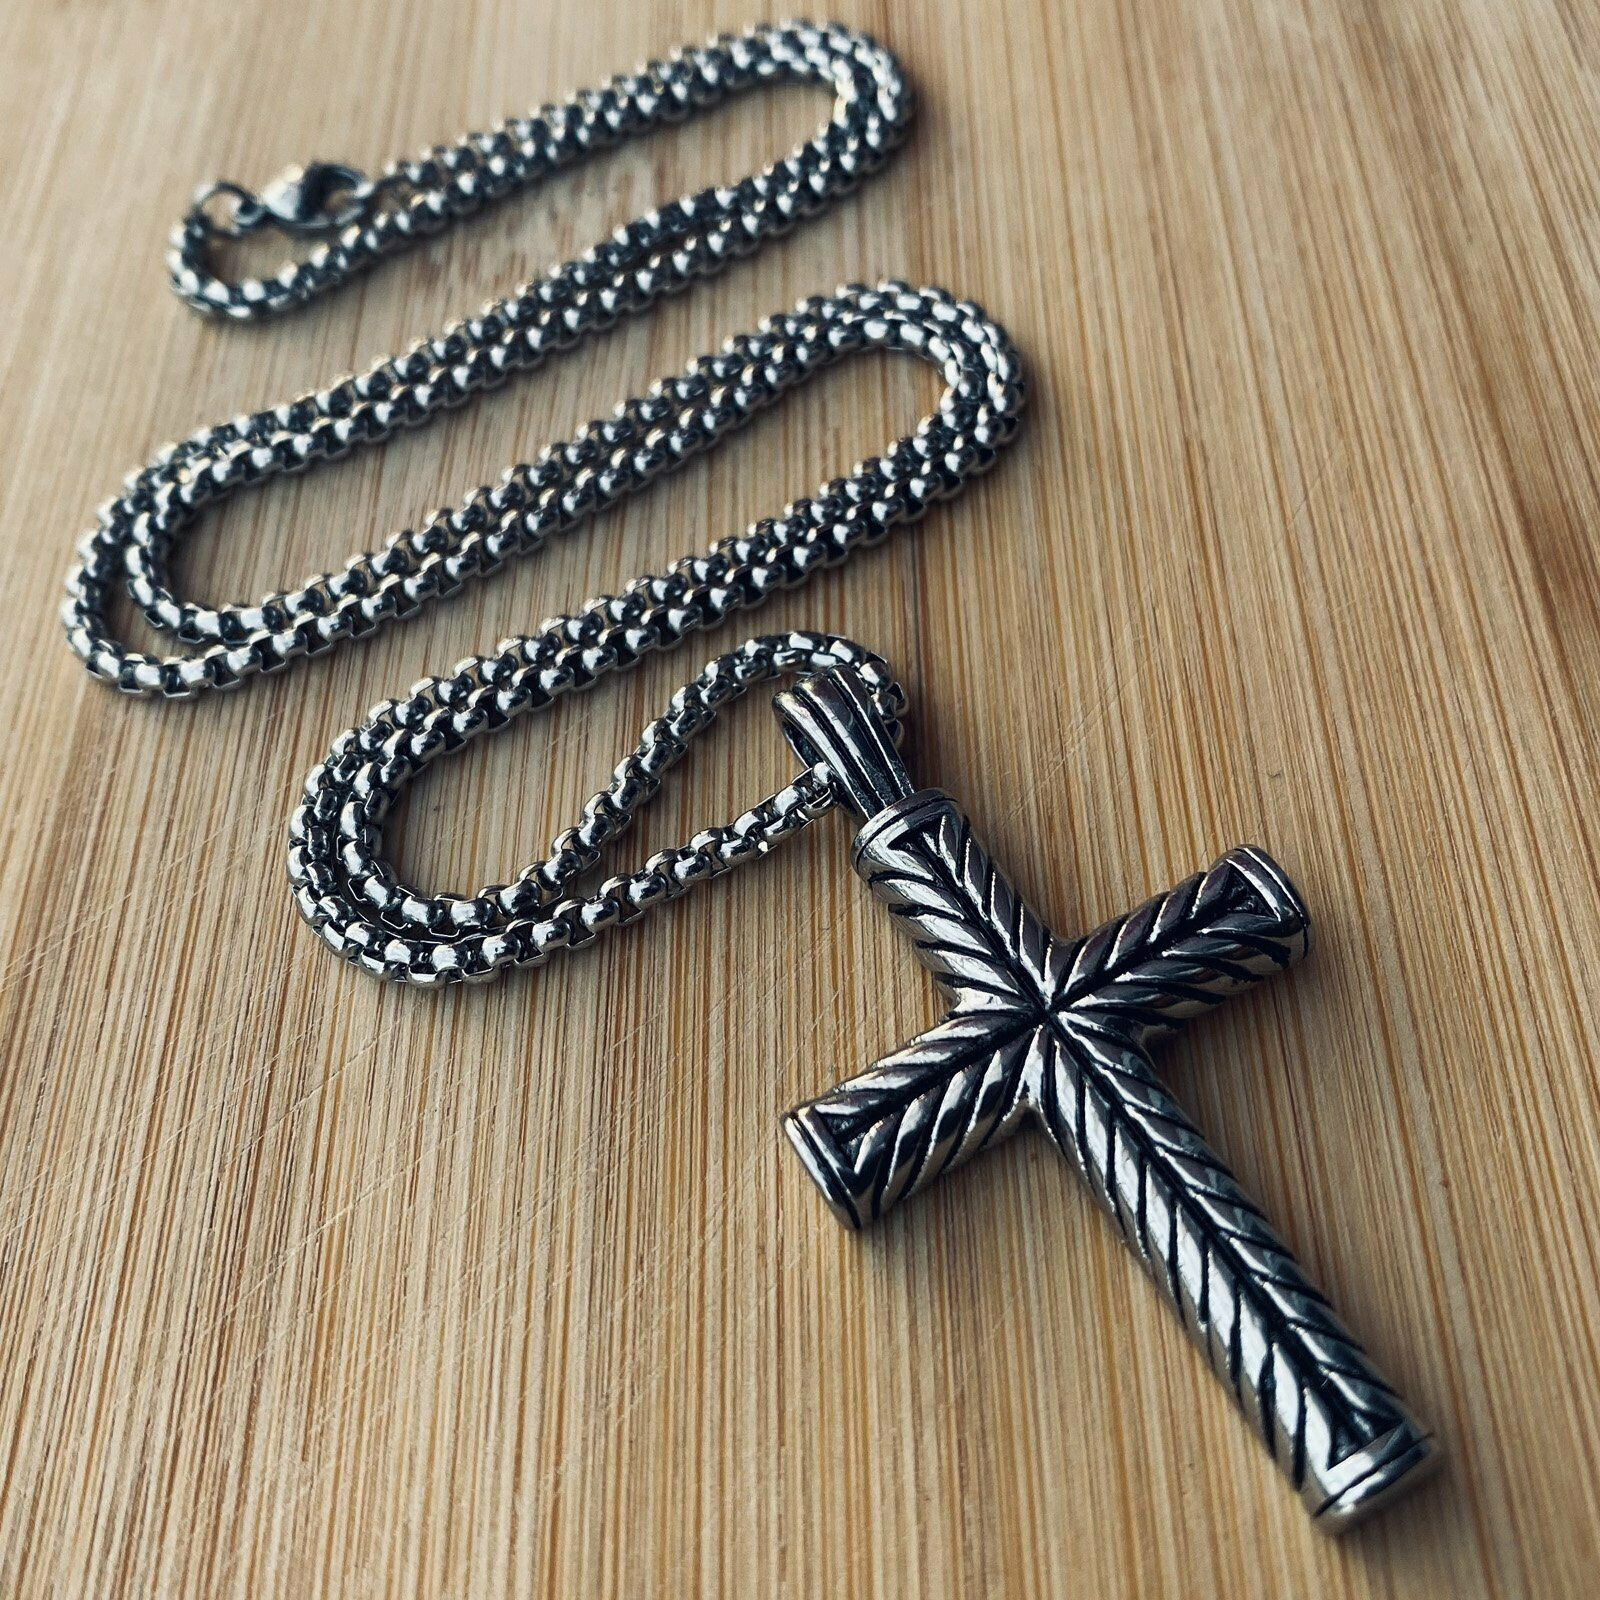 Мендель для мальчиков мужские Нержавеющая сталь винтажный крест-кулон ожерелье для мужчин и женщин, серебро